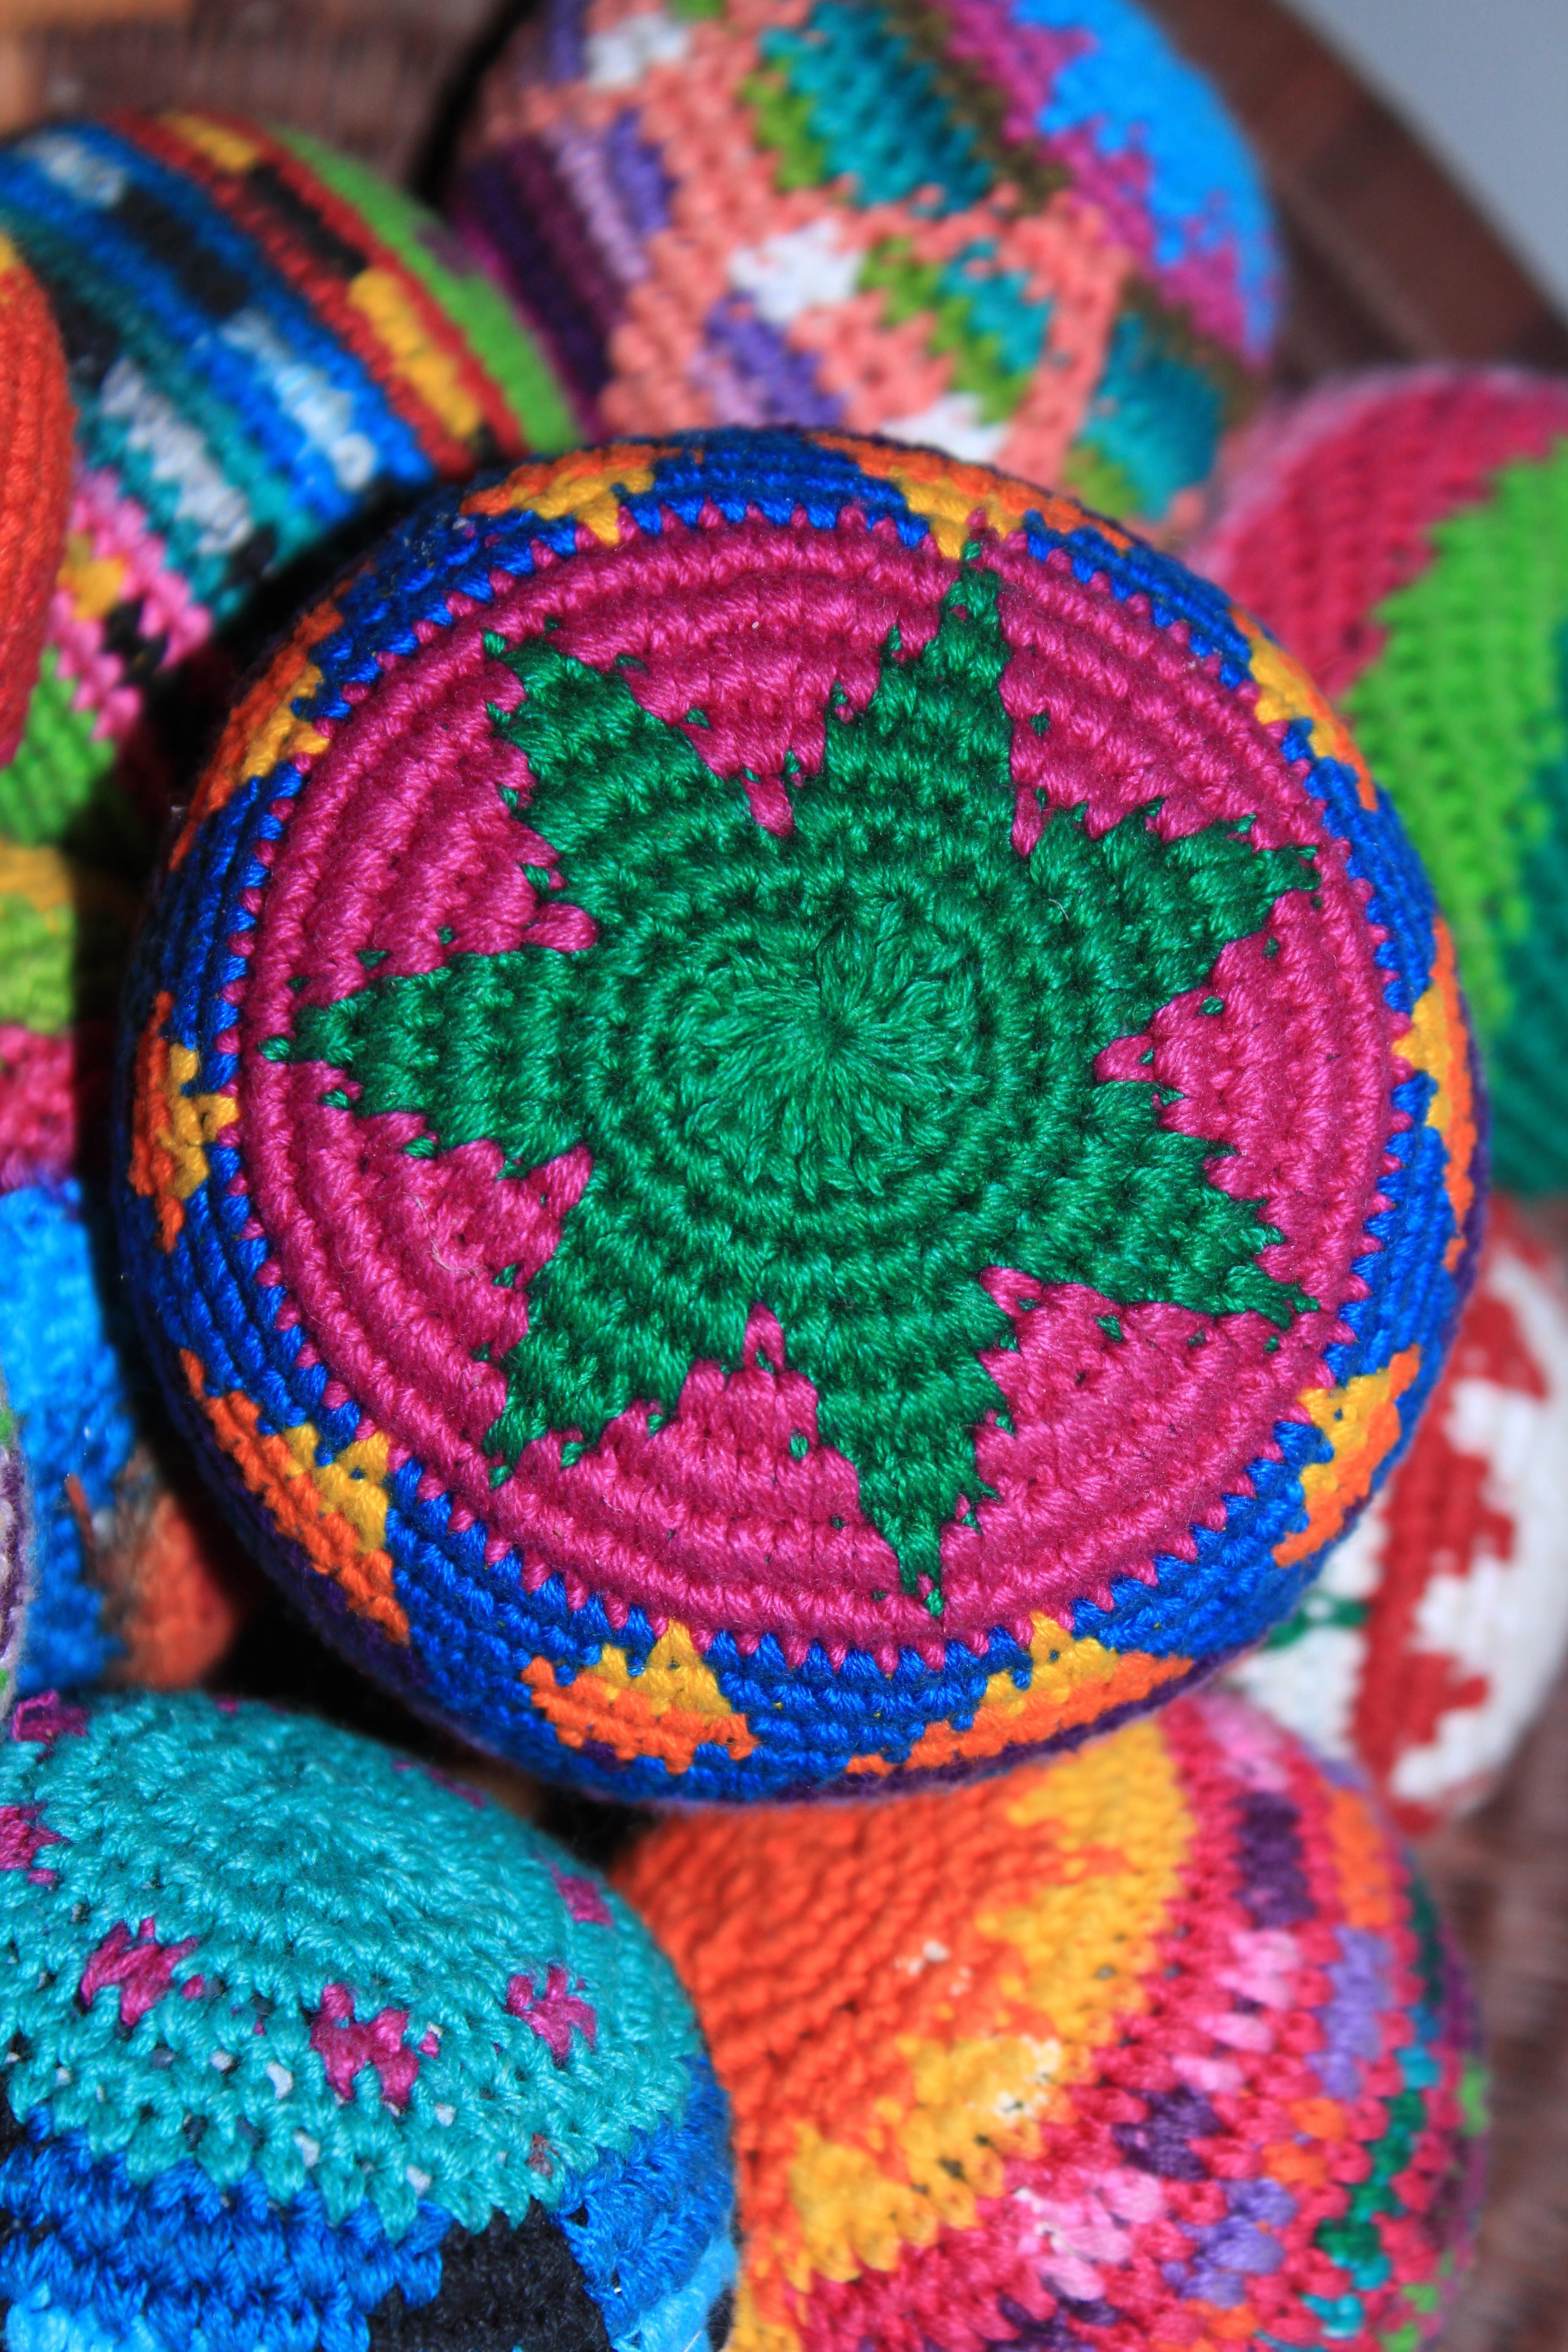 Fotos gratis : patrón, vistoso, color, circulo, hilo, tejer, textil ...